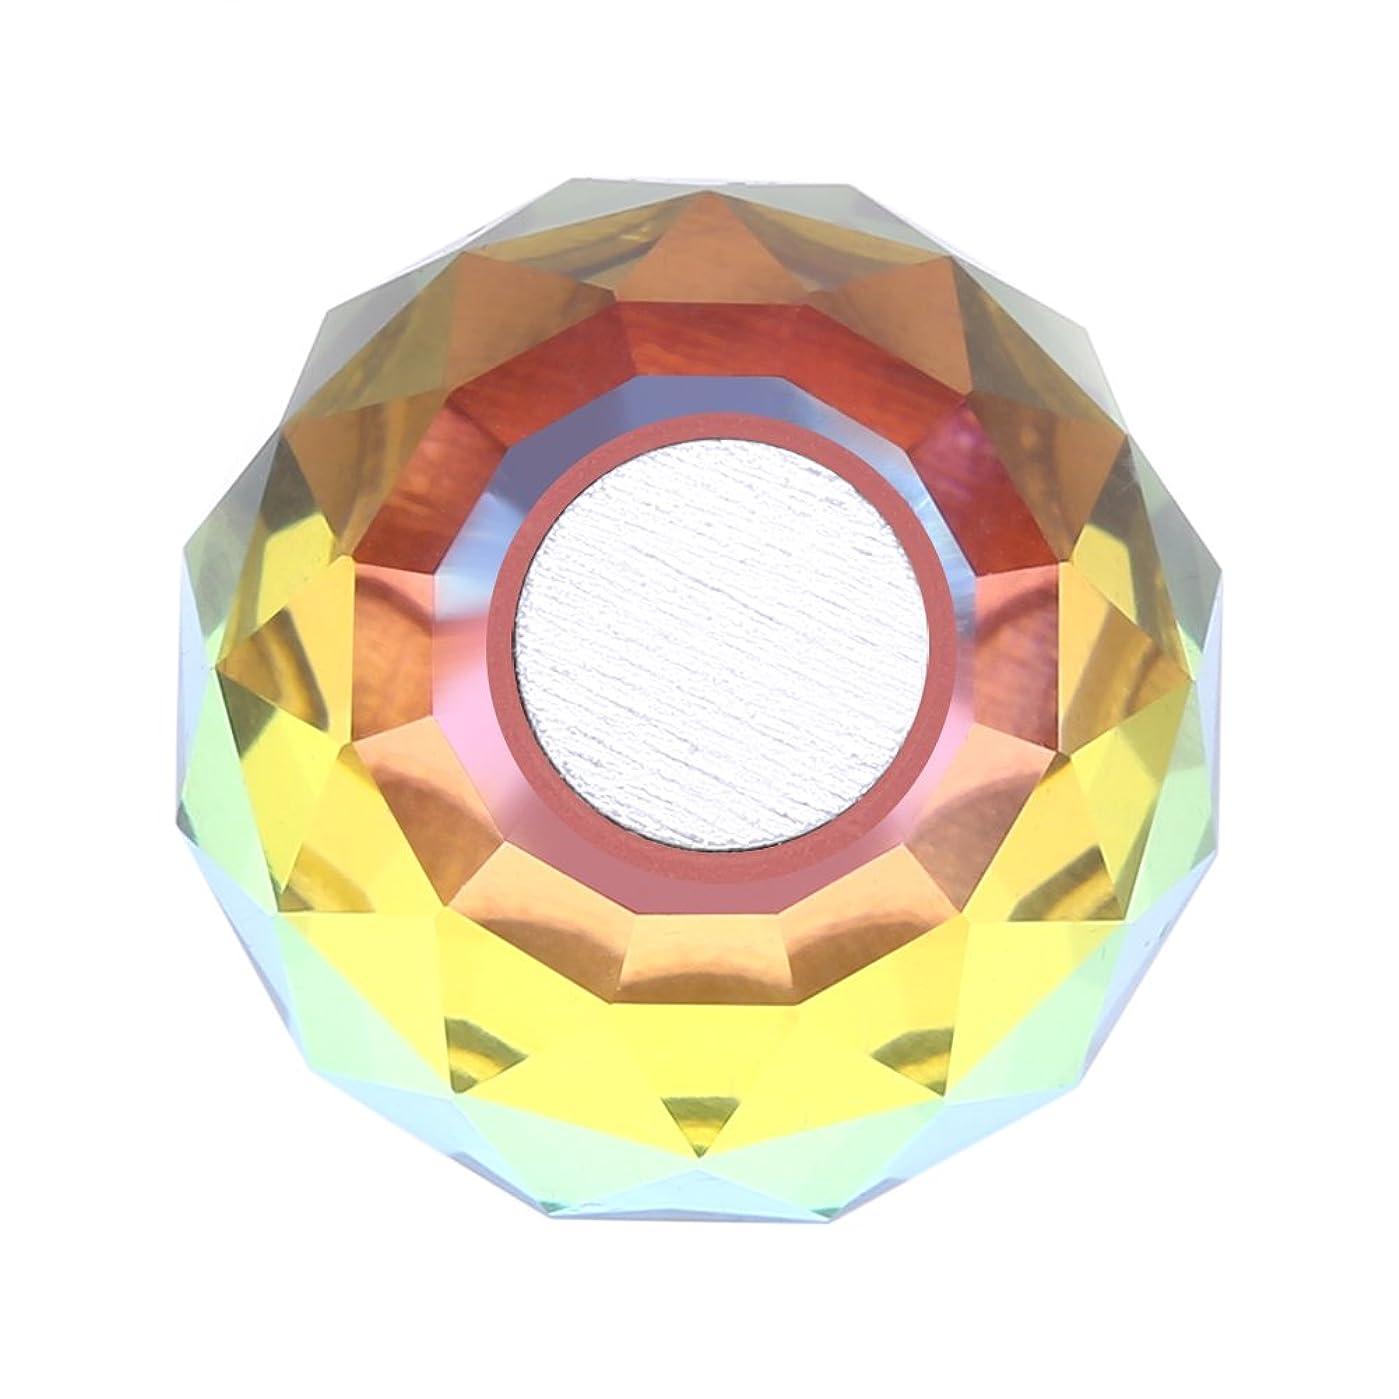 敵ミット動脈磁気ネイルチップスタンドホルダー サロンDIYと実践マニキュアのための合金ネイルアートディスプレイチップホルダー(1)